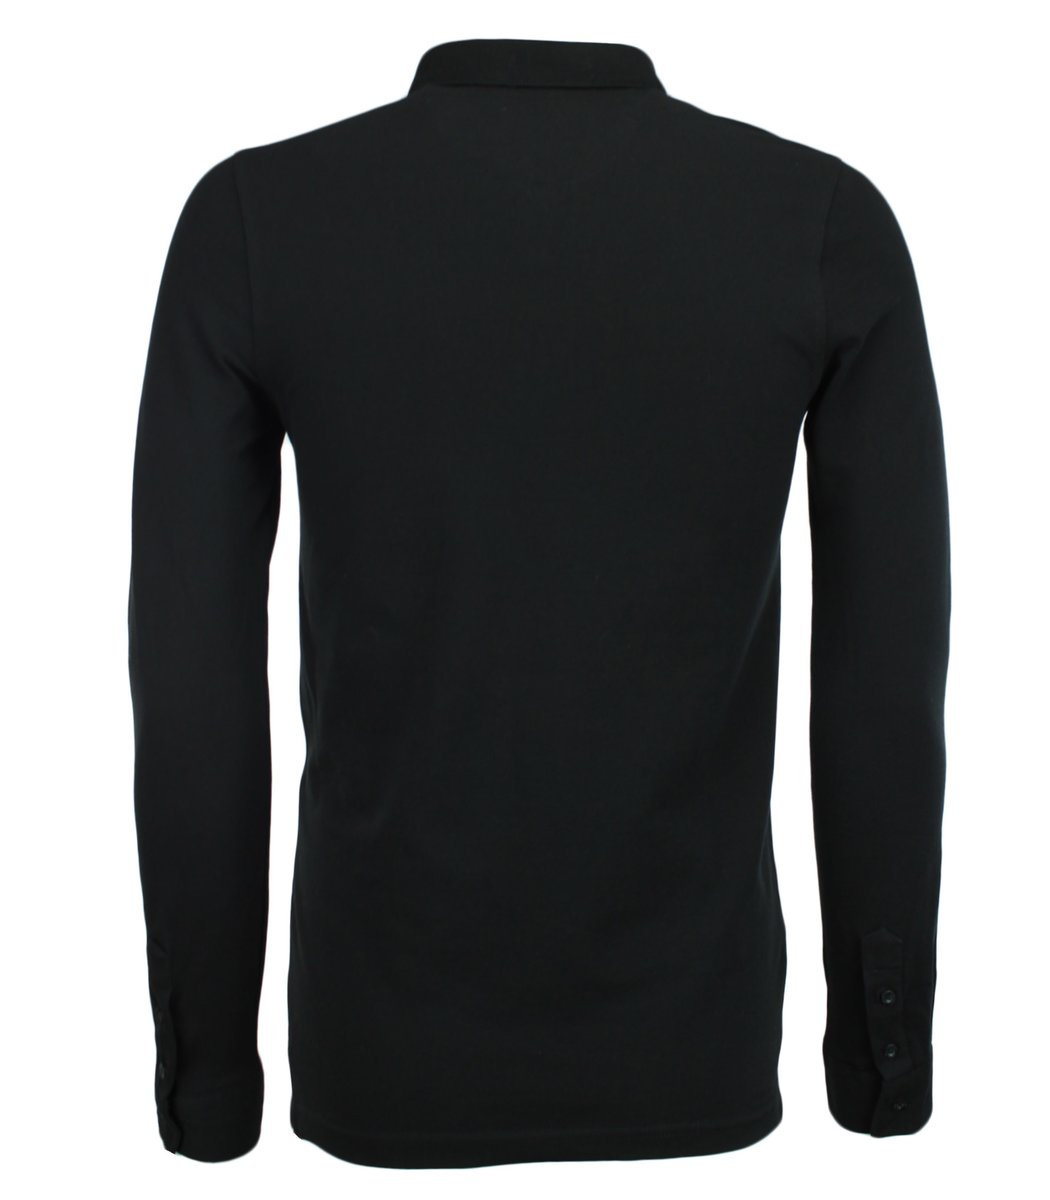 Чёрное поло с длинным рукавом, воротник стойка, Lacoste PL2